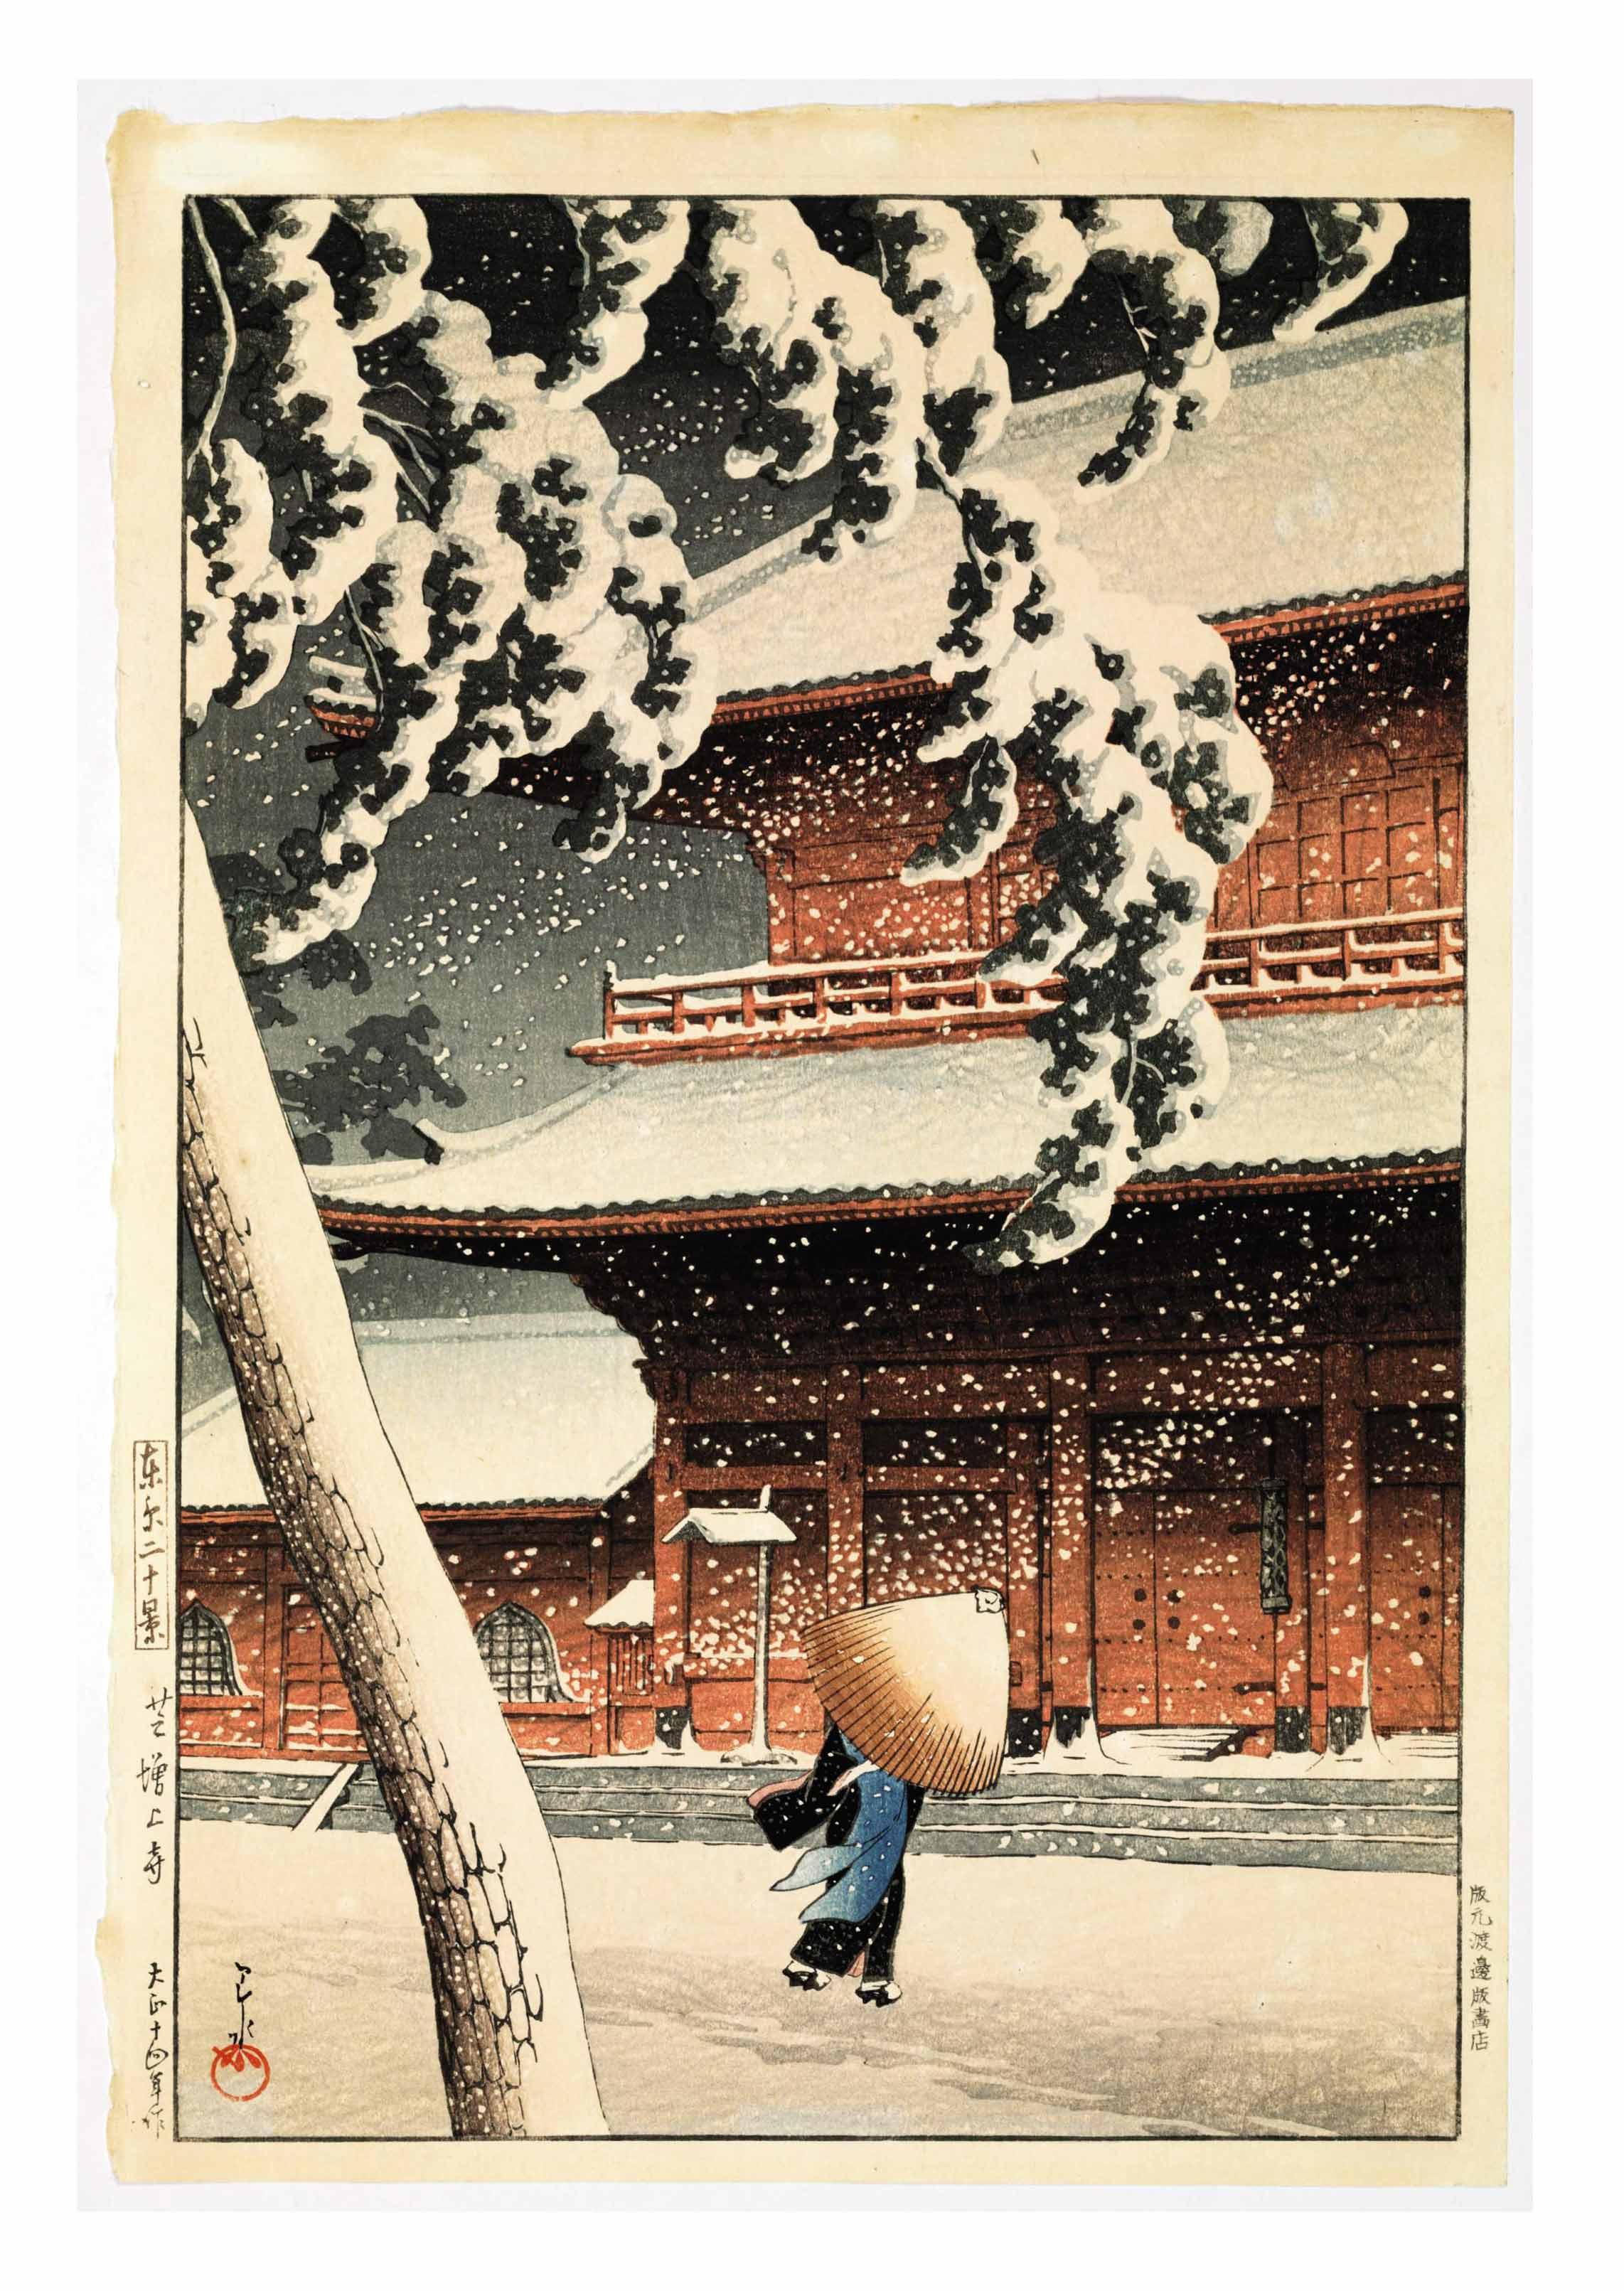 Shiba Zojoji (Zojoji Temple, Shiba), from the series Tokyo nijukkei (Twenty views of Tokyo), 1925